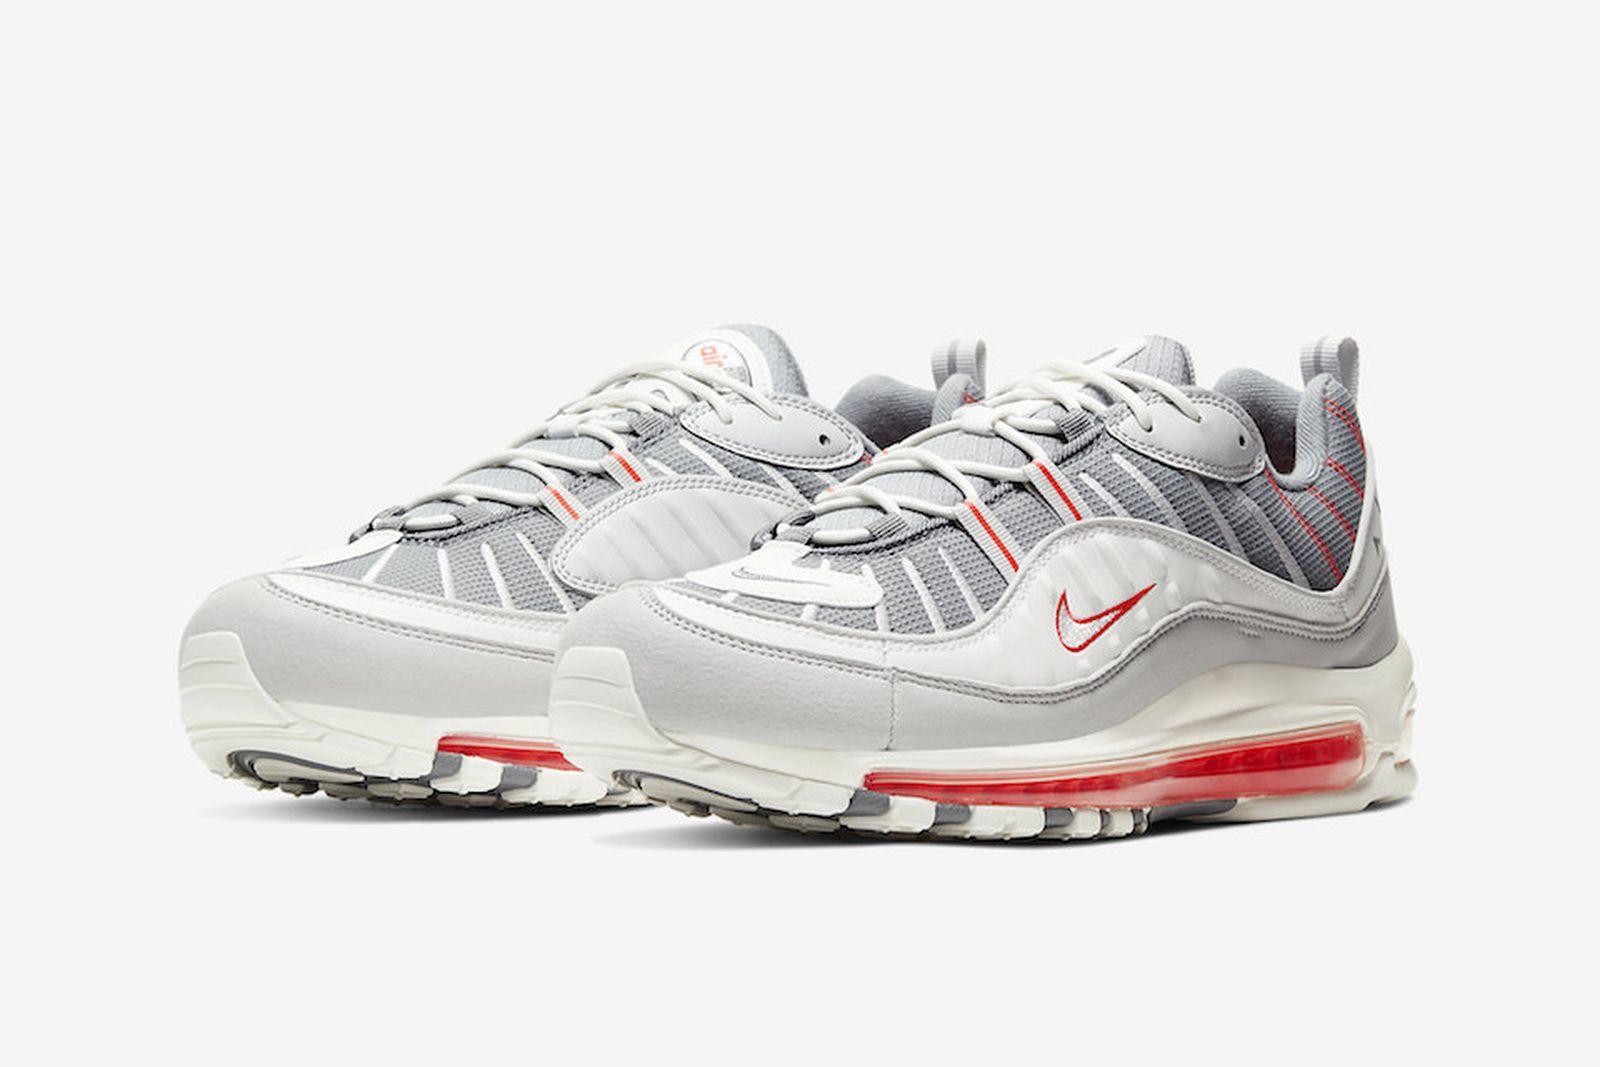 impulso chocar avance  Nike Air Max 98